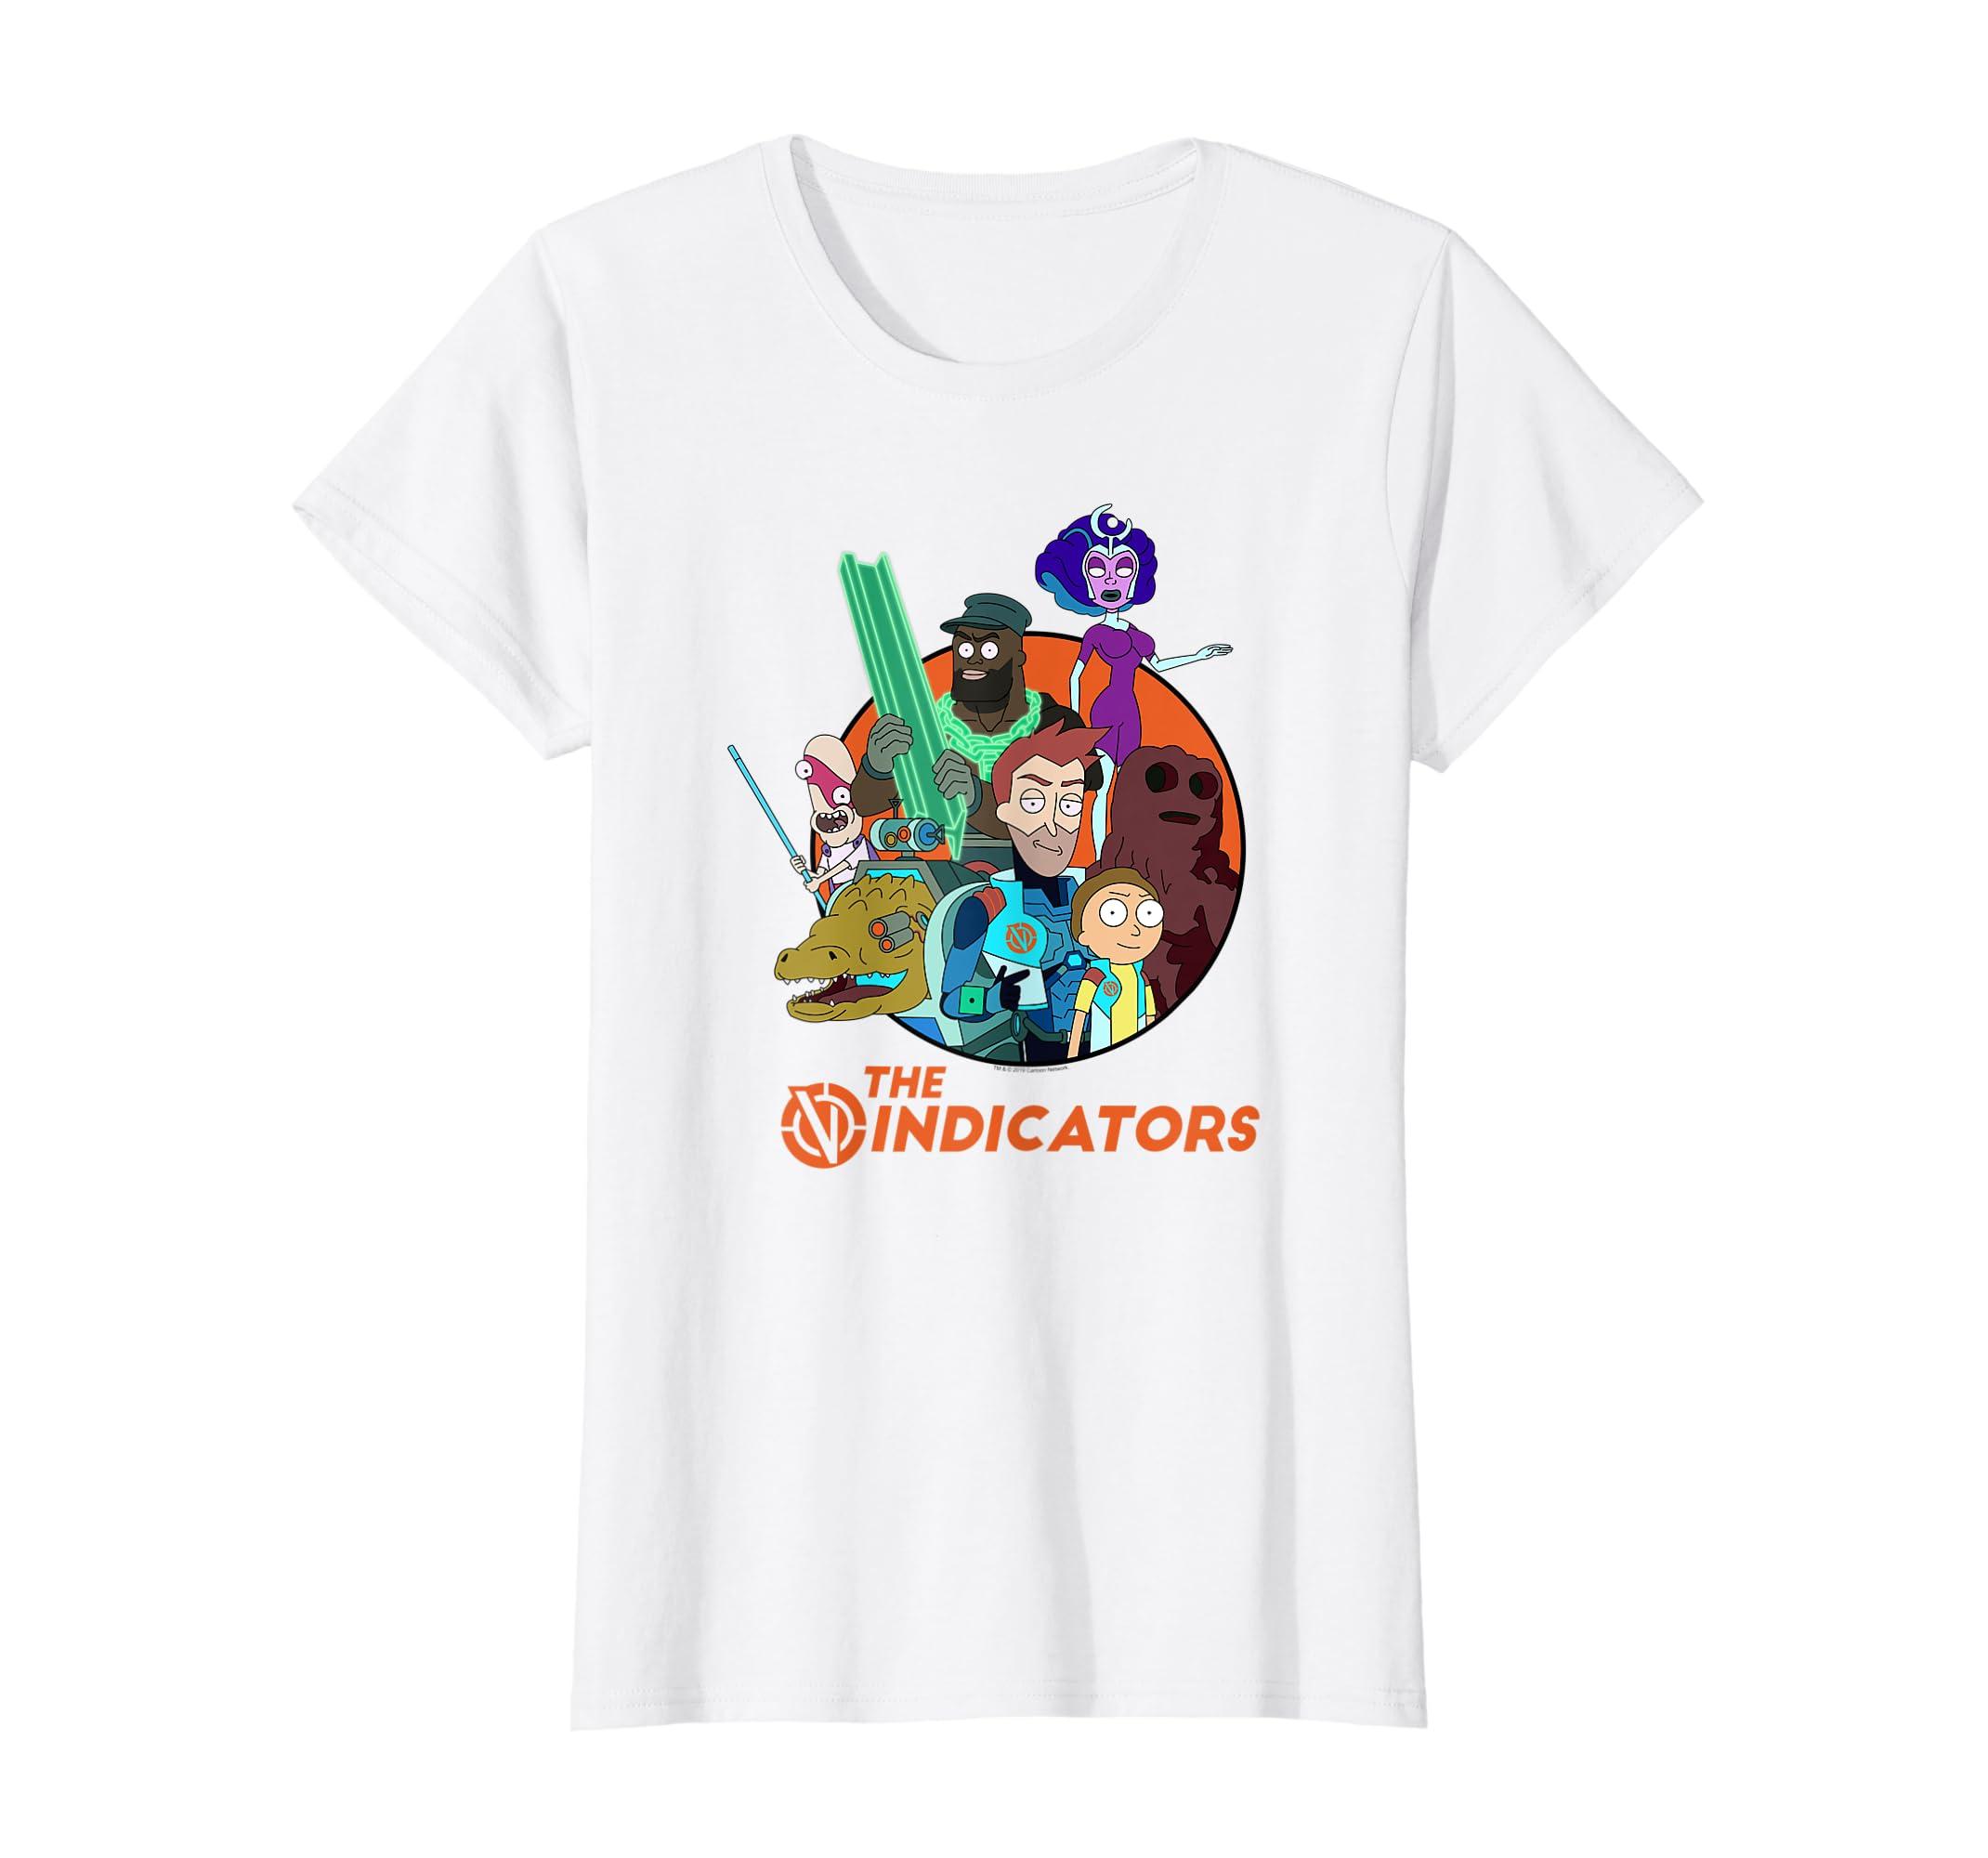 Rick and Morty The Vindicators - Group Shot T-shirt